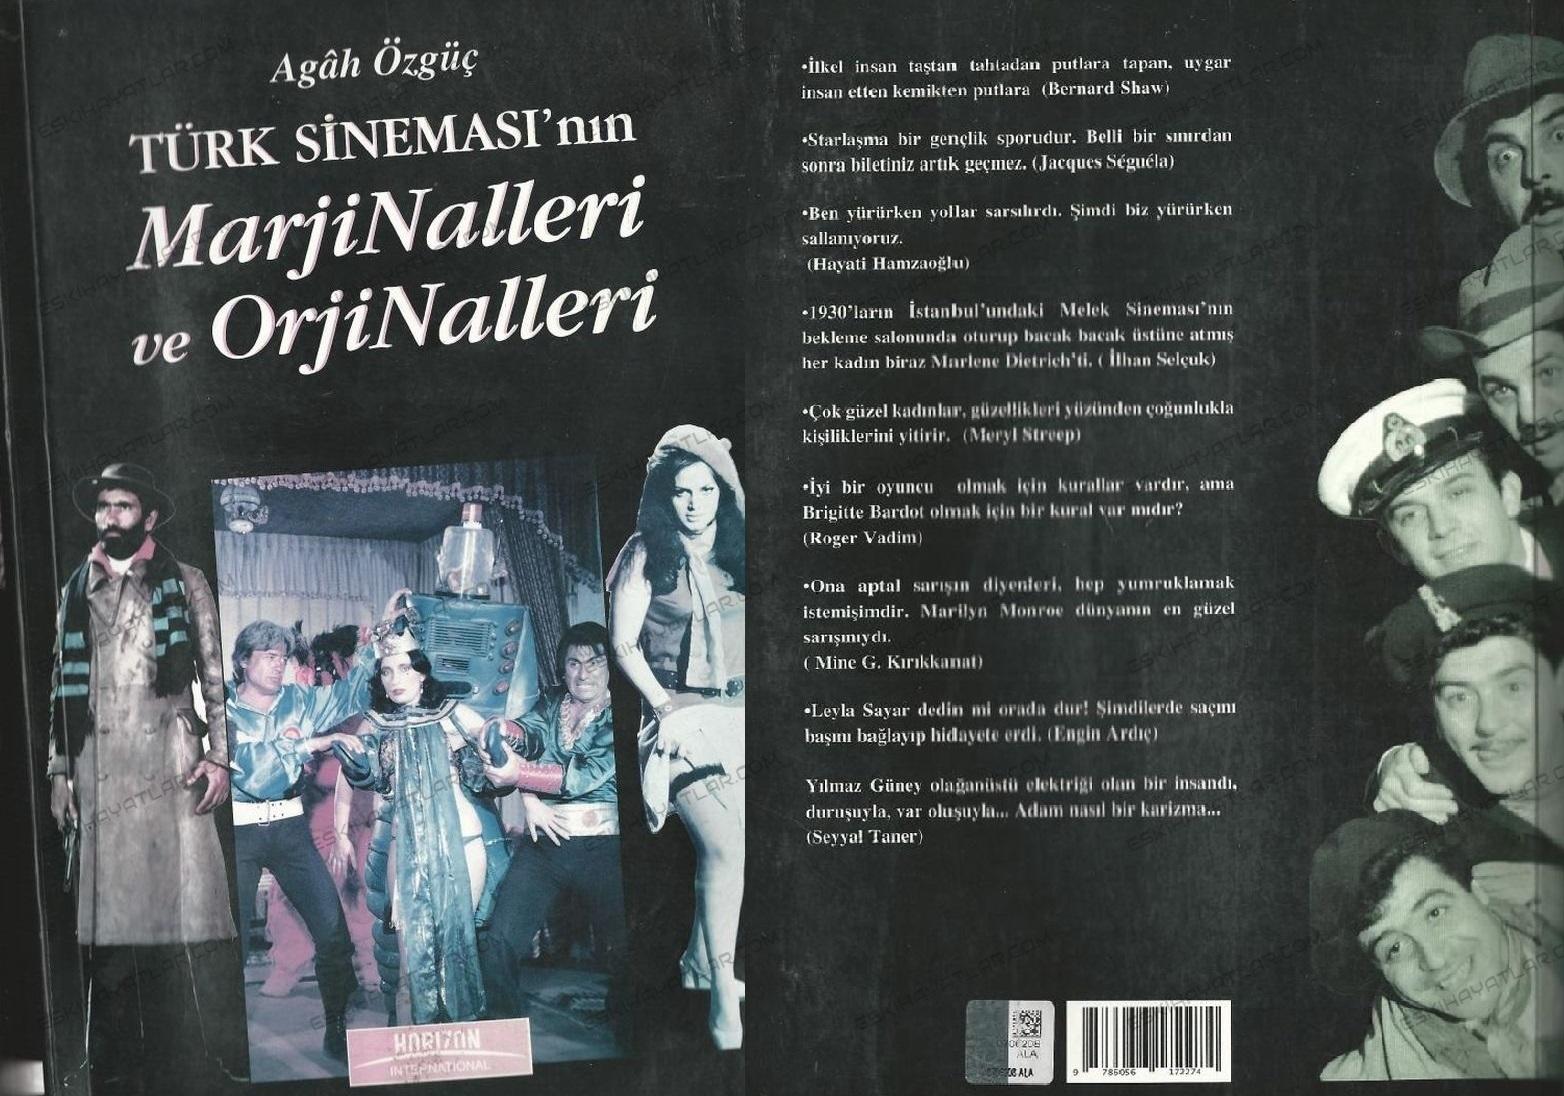 0169-ferdinant-manukyan-kimdir-turk-sinemasinin-marjinalleri-ve-orijinalleri (2)